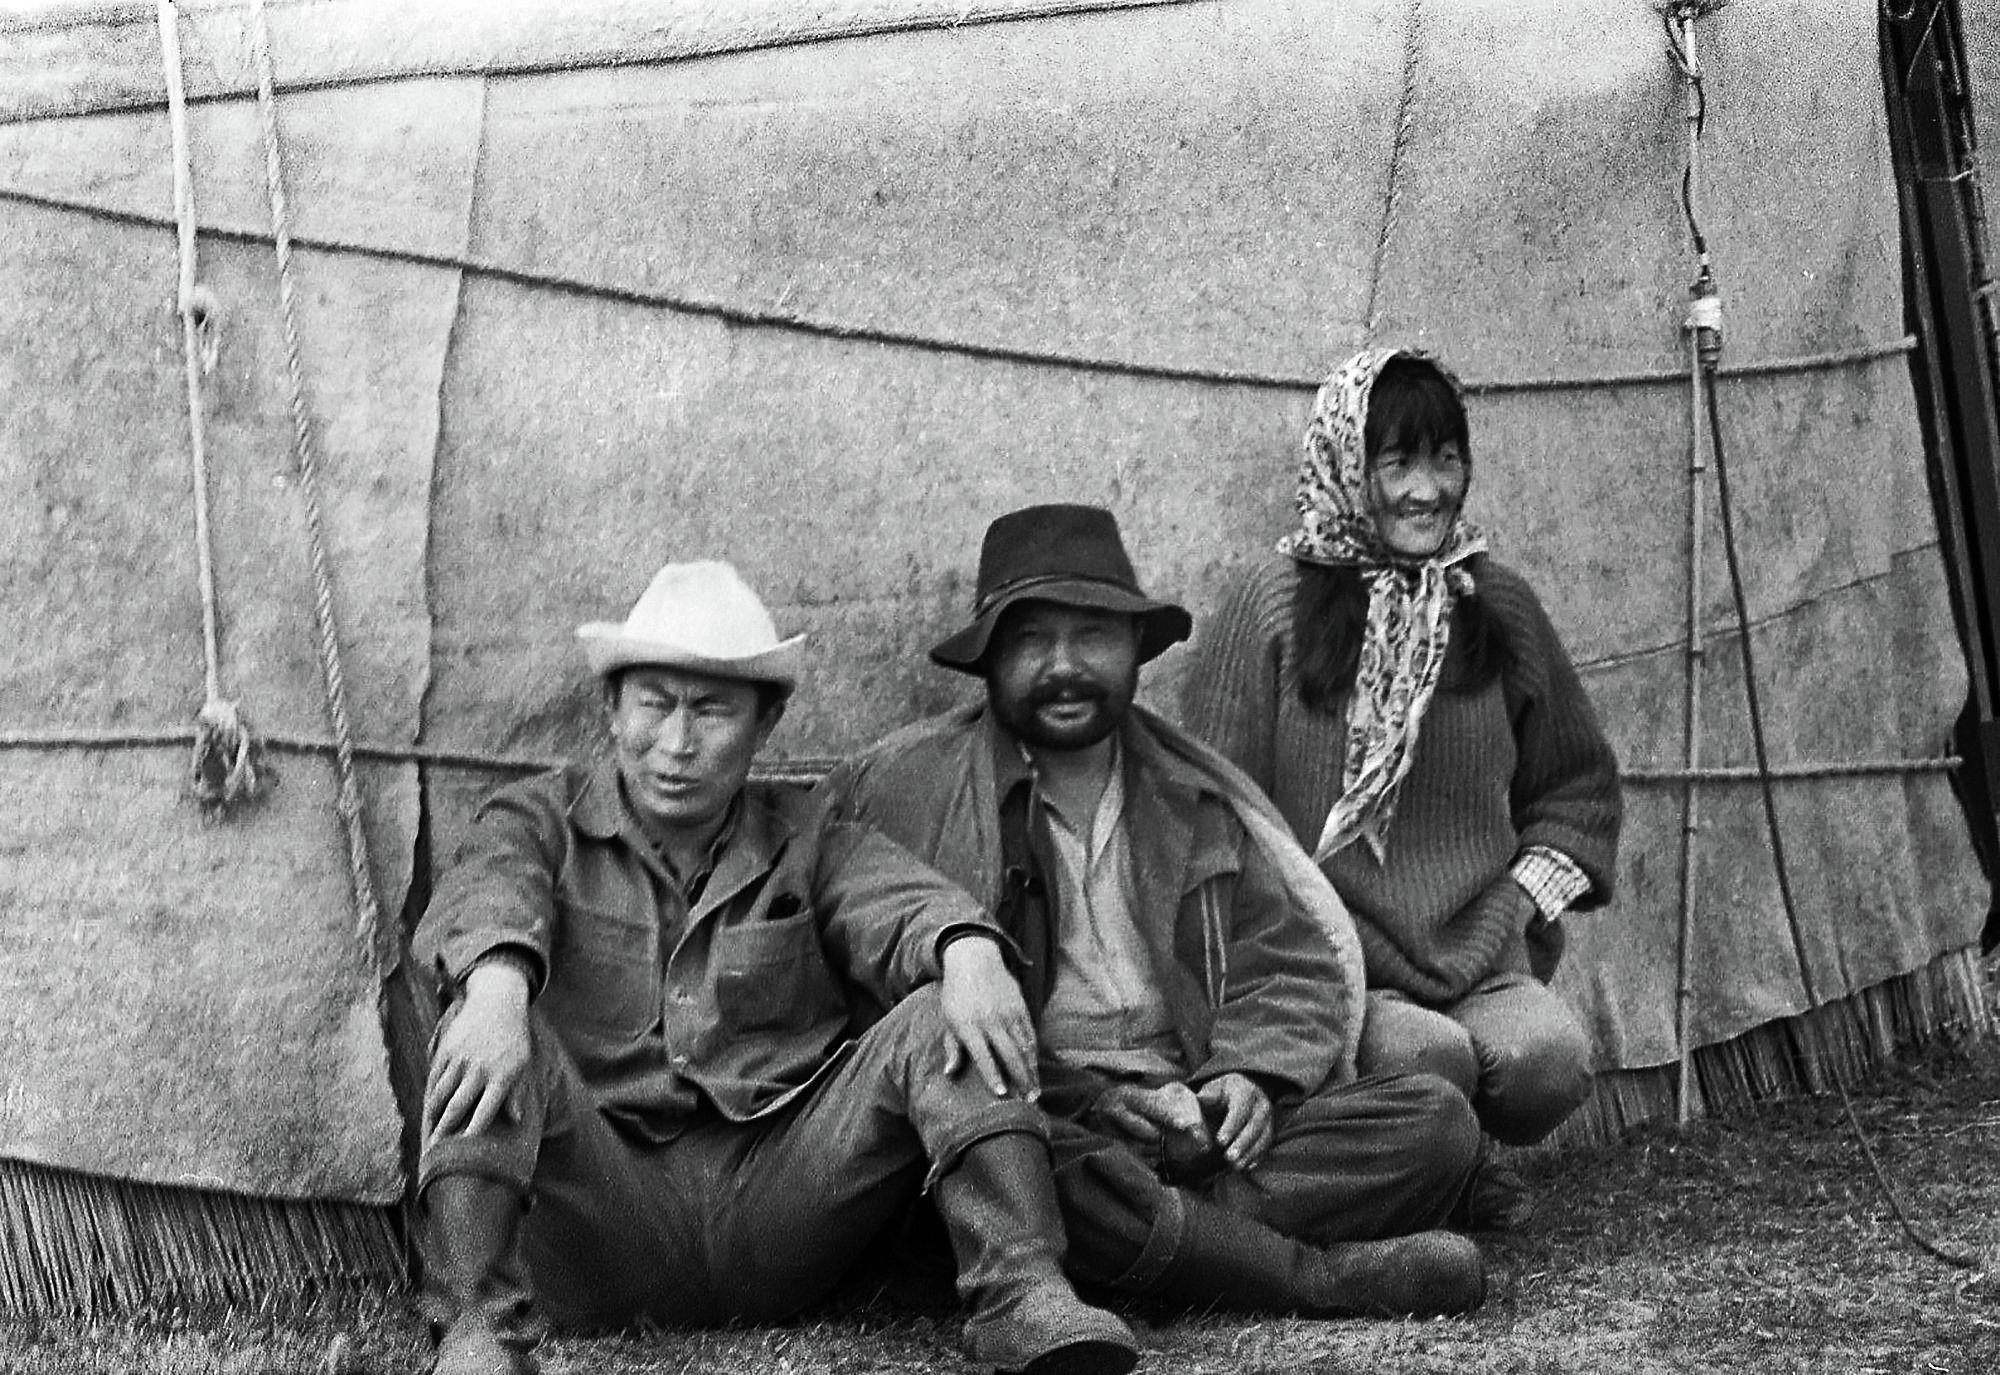 Белгилүү режиссер Төлөмүш Океев, актер Советбек Жумадылов менен монтажер Ракия Шершенованын сүрөтү 1966-жылы Суусамыр жайлоосунда тартылган